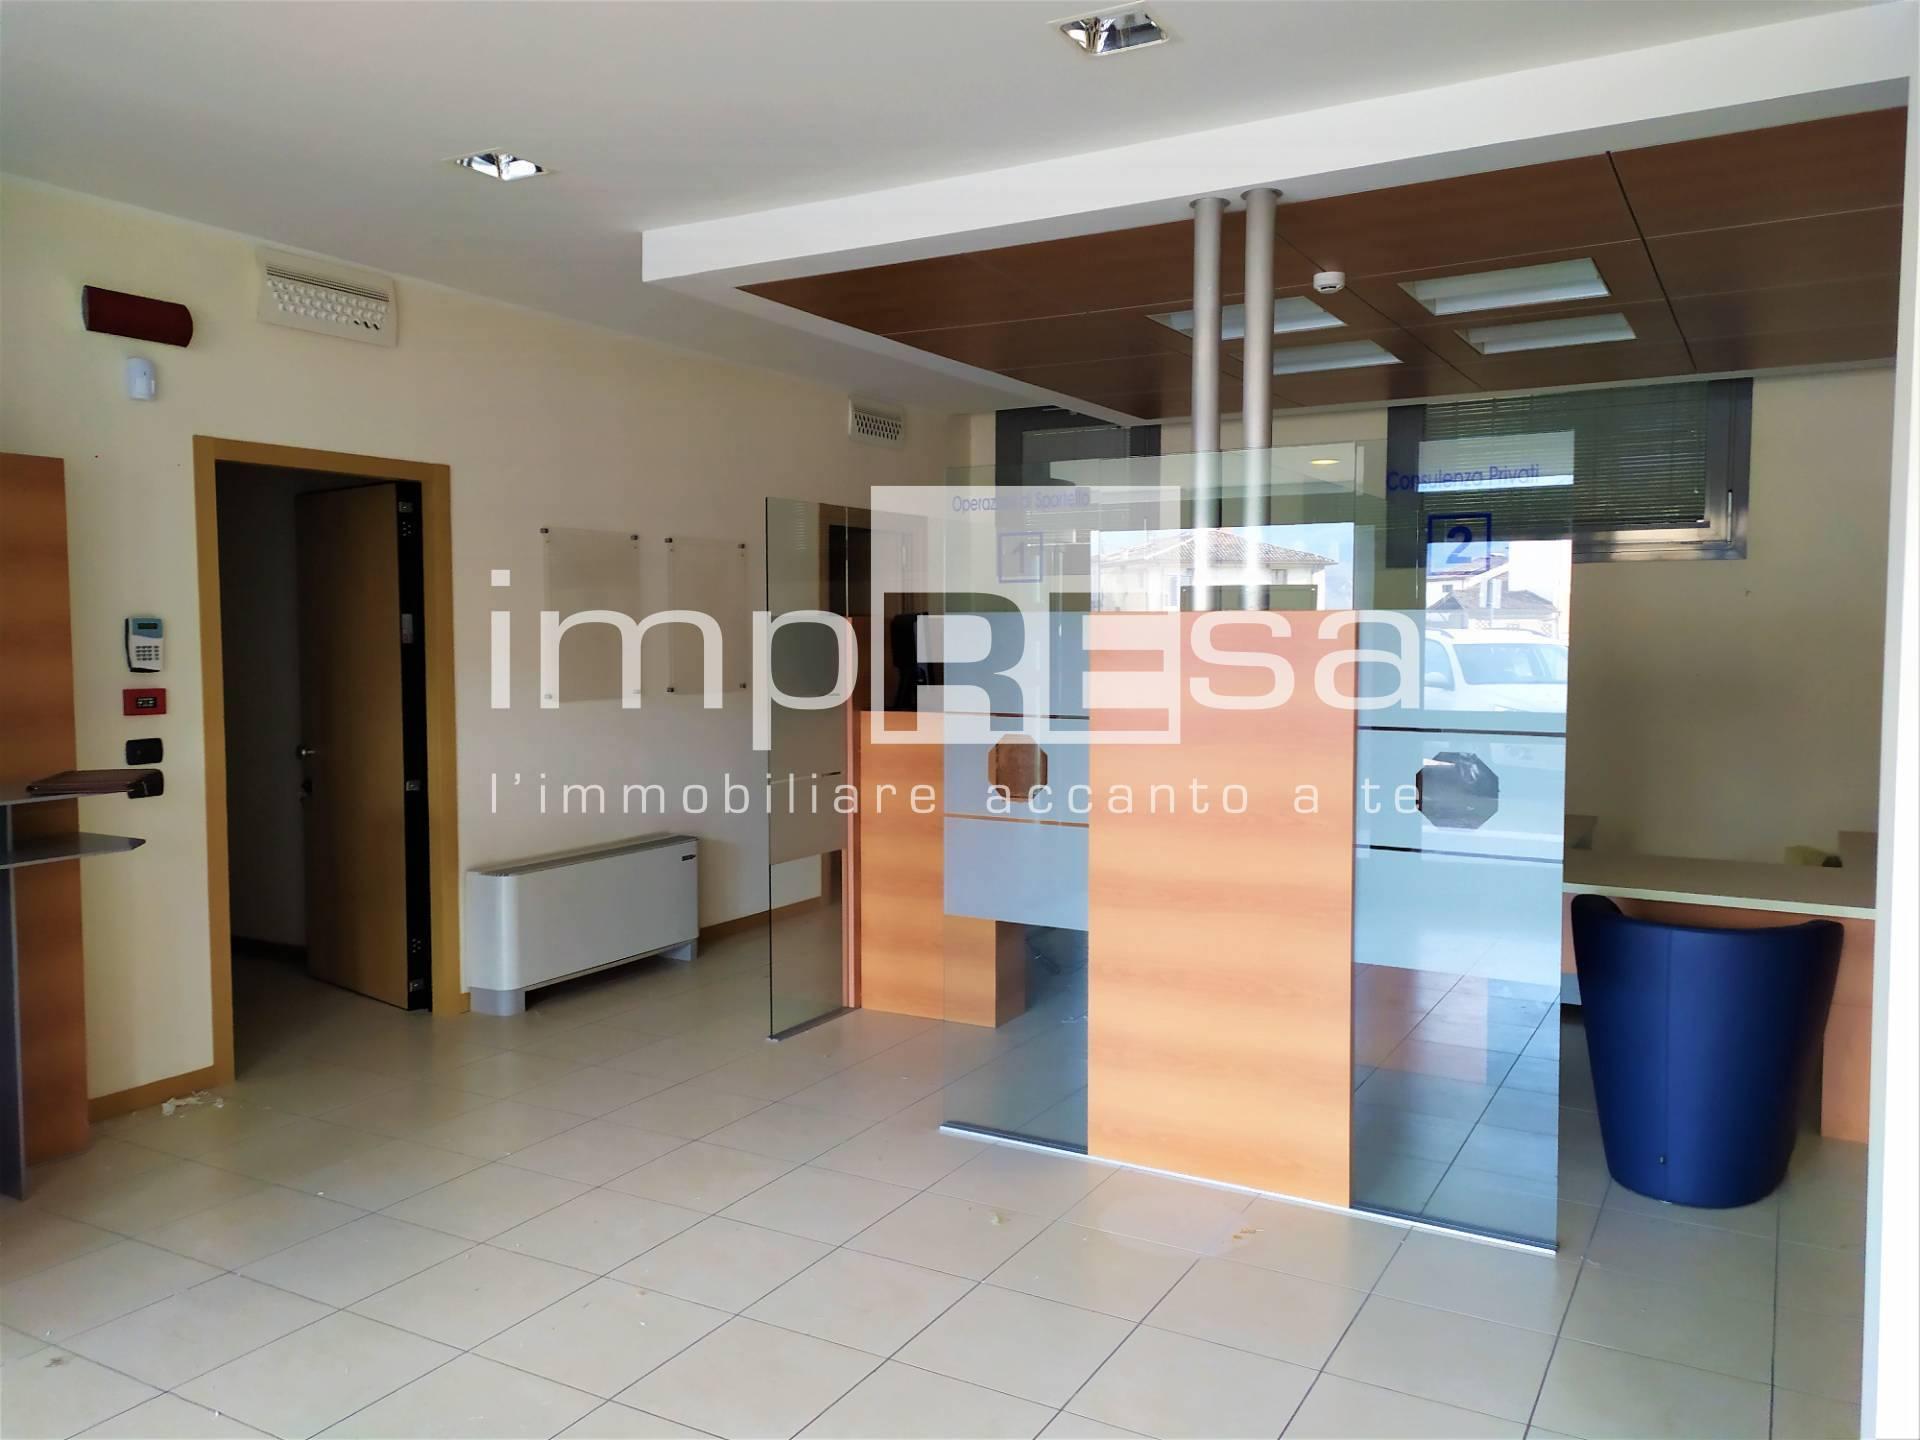 Ufficio / Studio in vendita a Segusino, 9999 locali, prezzo € 150.000   CambioCasa.it